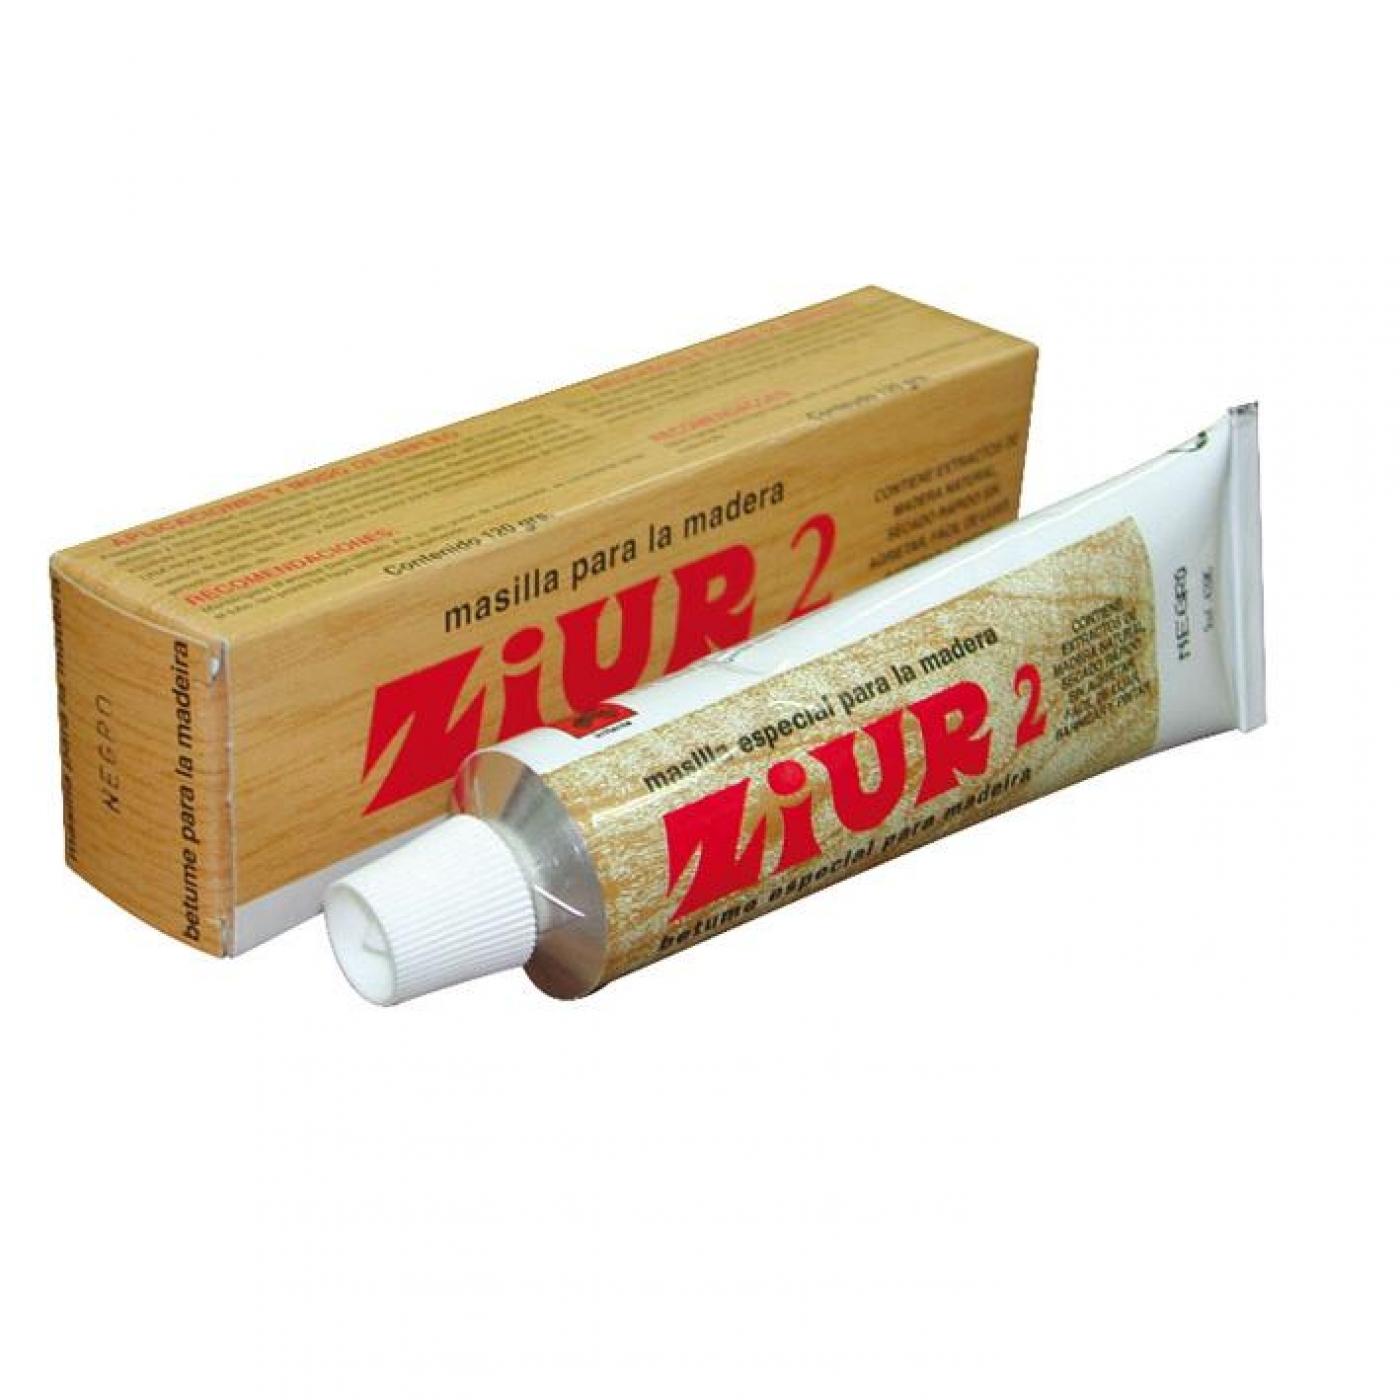 Masilla restauraci n de madera nogal 120 gr bakar por 2 92 - Masilla para madera casera ...